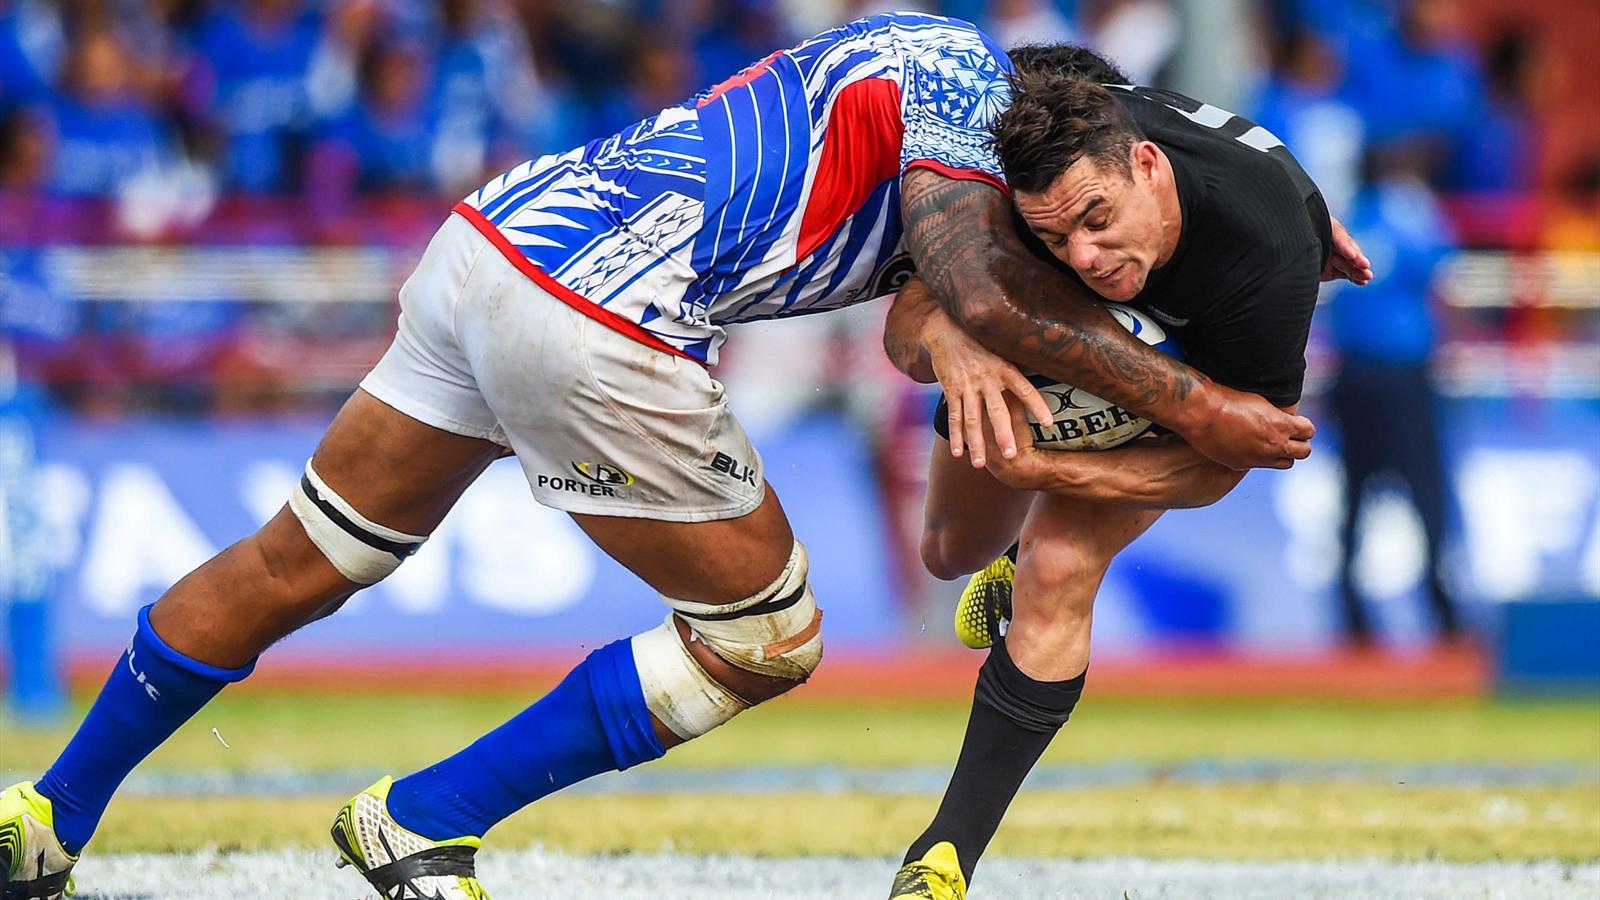 Dan Carter (Nouvelle-Zélande) face aux Samoa - 8 juillet 2015